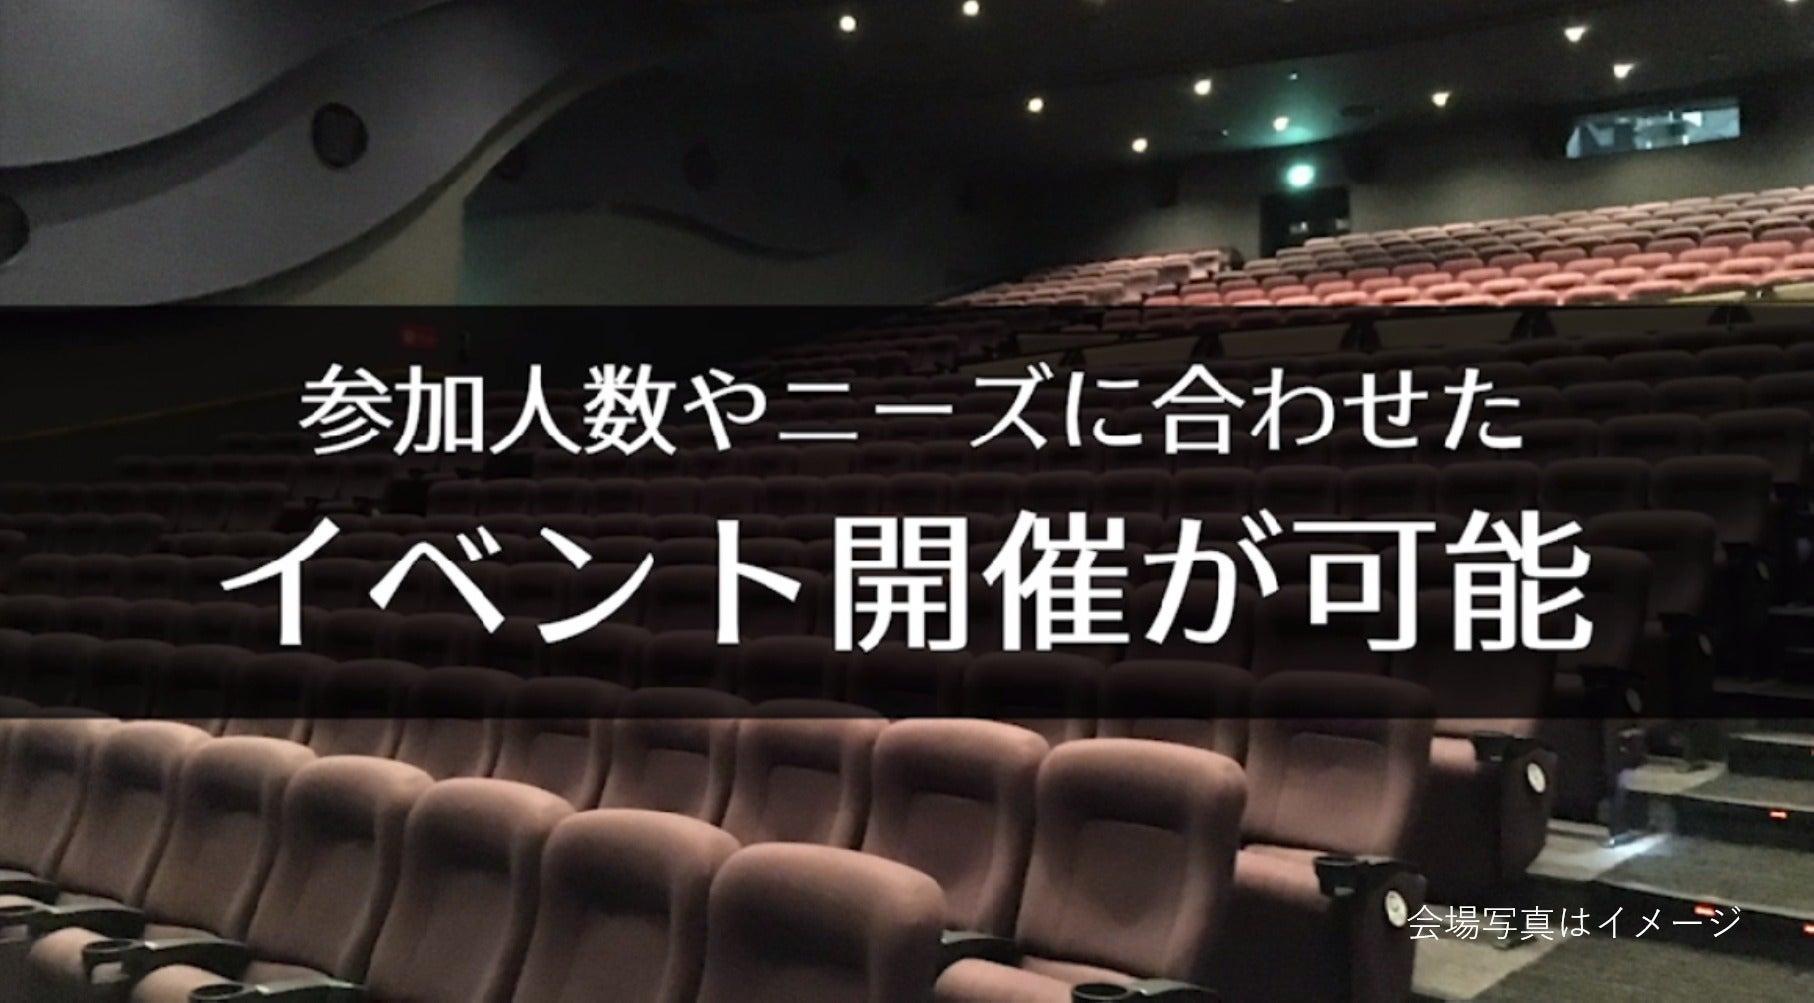 【豊橋 233席】映画館で、会社説明会、株主総会、講演会の企画はいかがですか?(ユナイテッド・シネマ豊橋18) の写真0